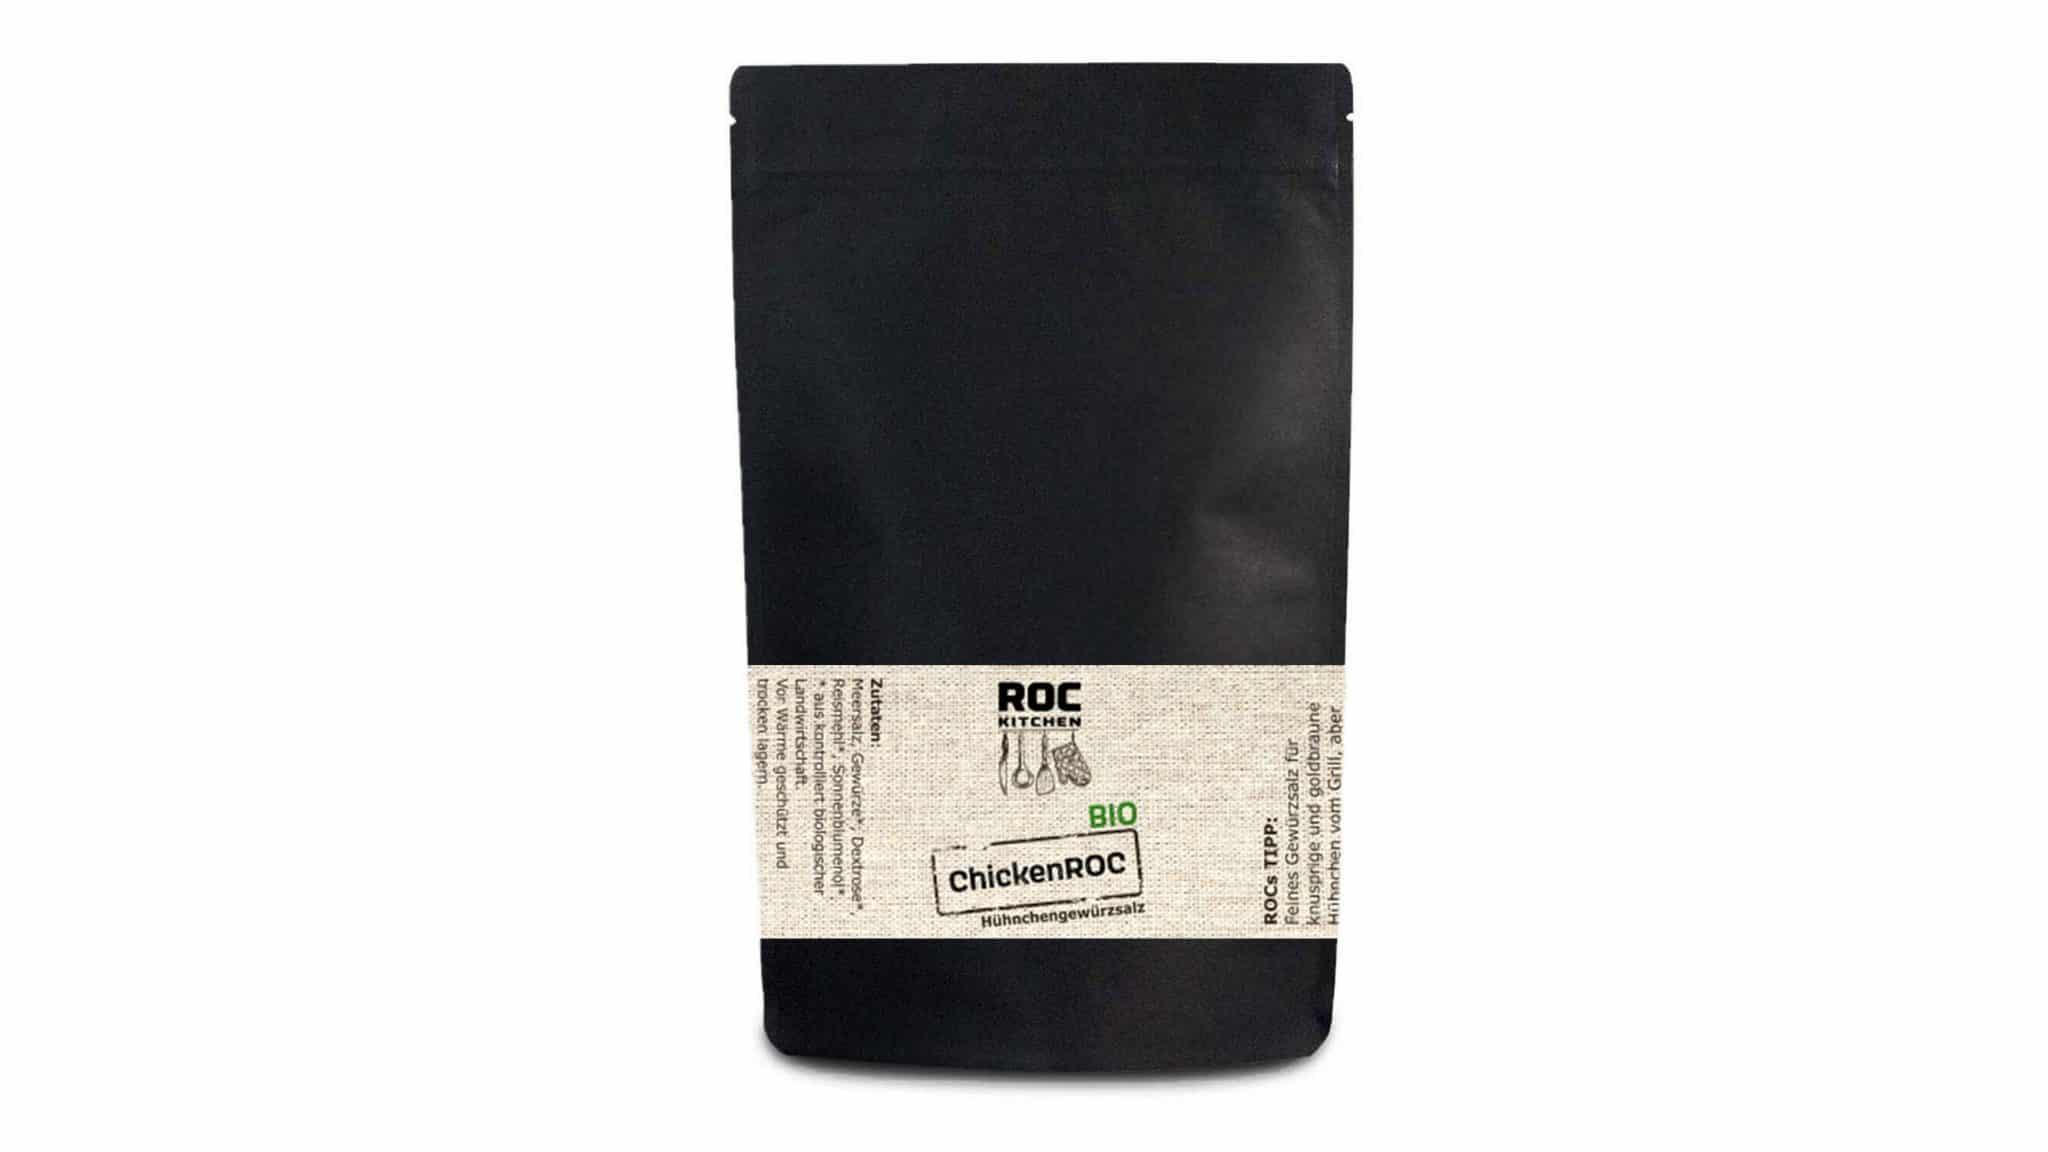 ROC-Kitchen Bio ChickenROC